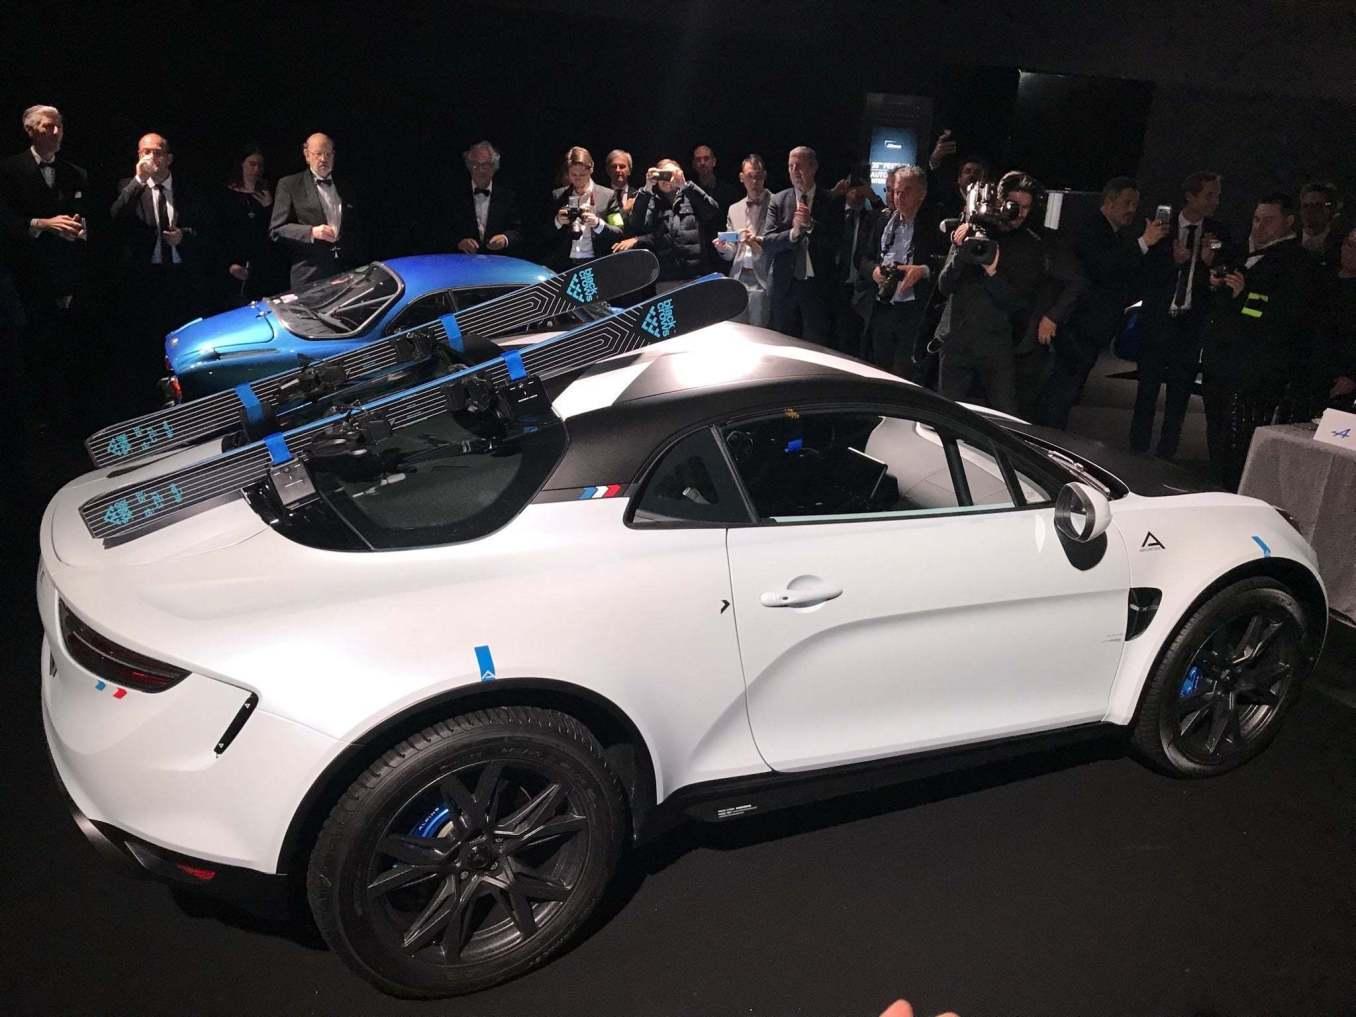 ALPINE a110 sport sx AR   Alpine révèle le concept A110 sports X au Festival Automobile International